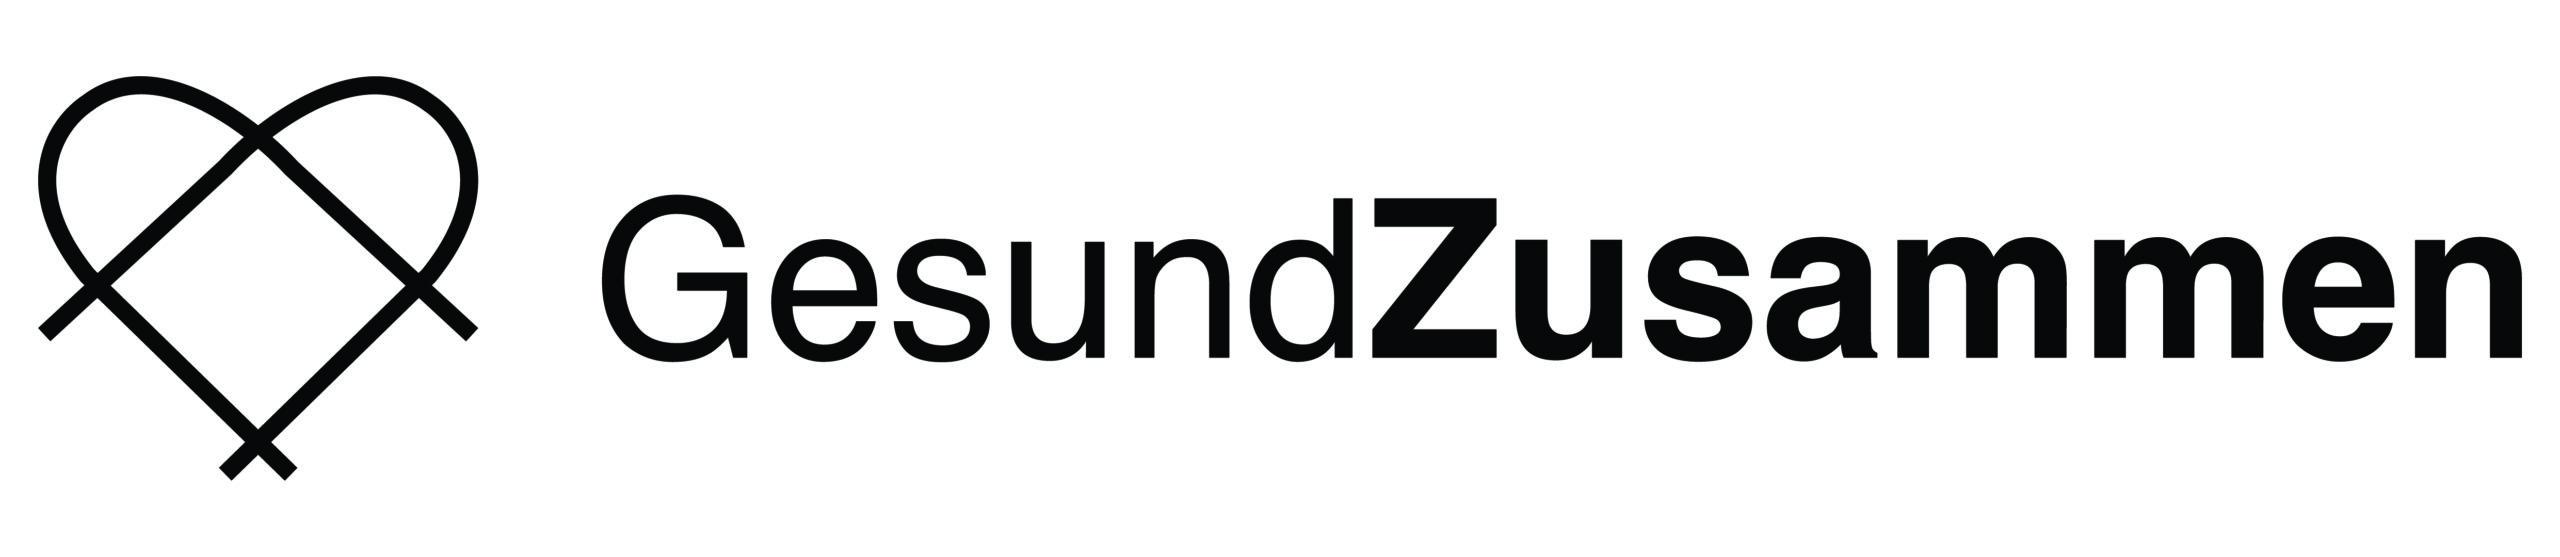 GesundZusammen logo print scaled - Events